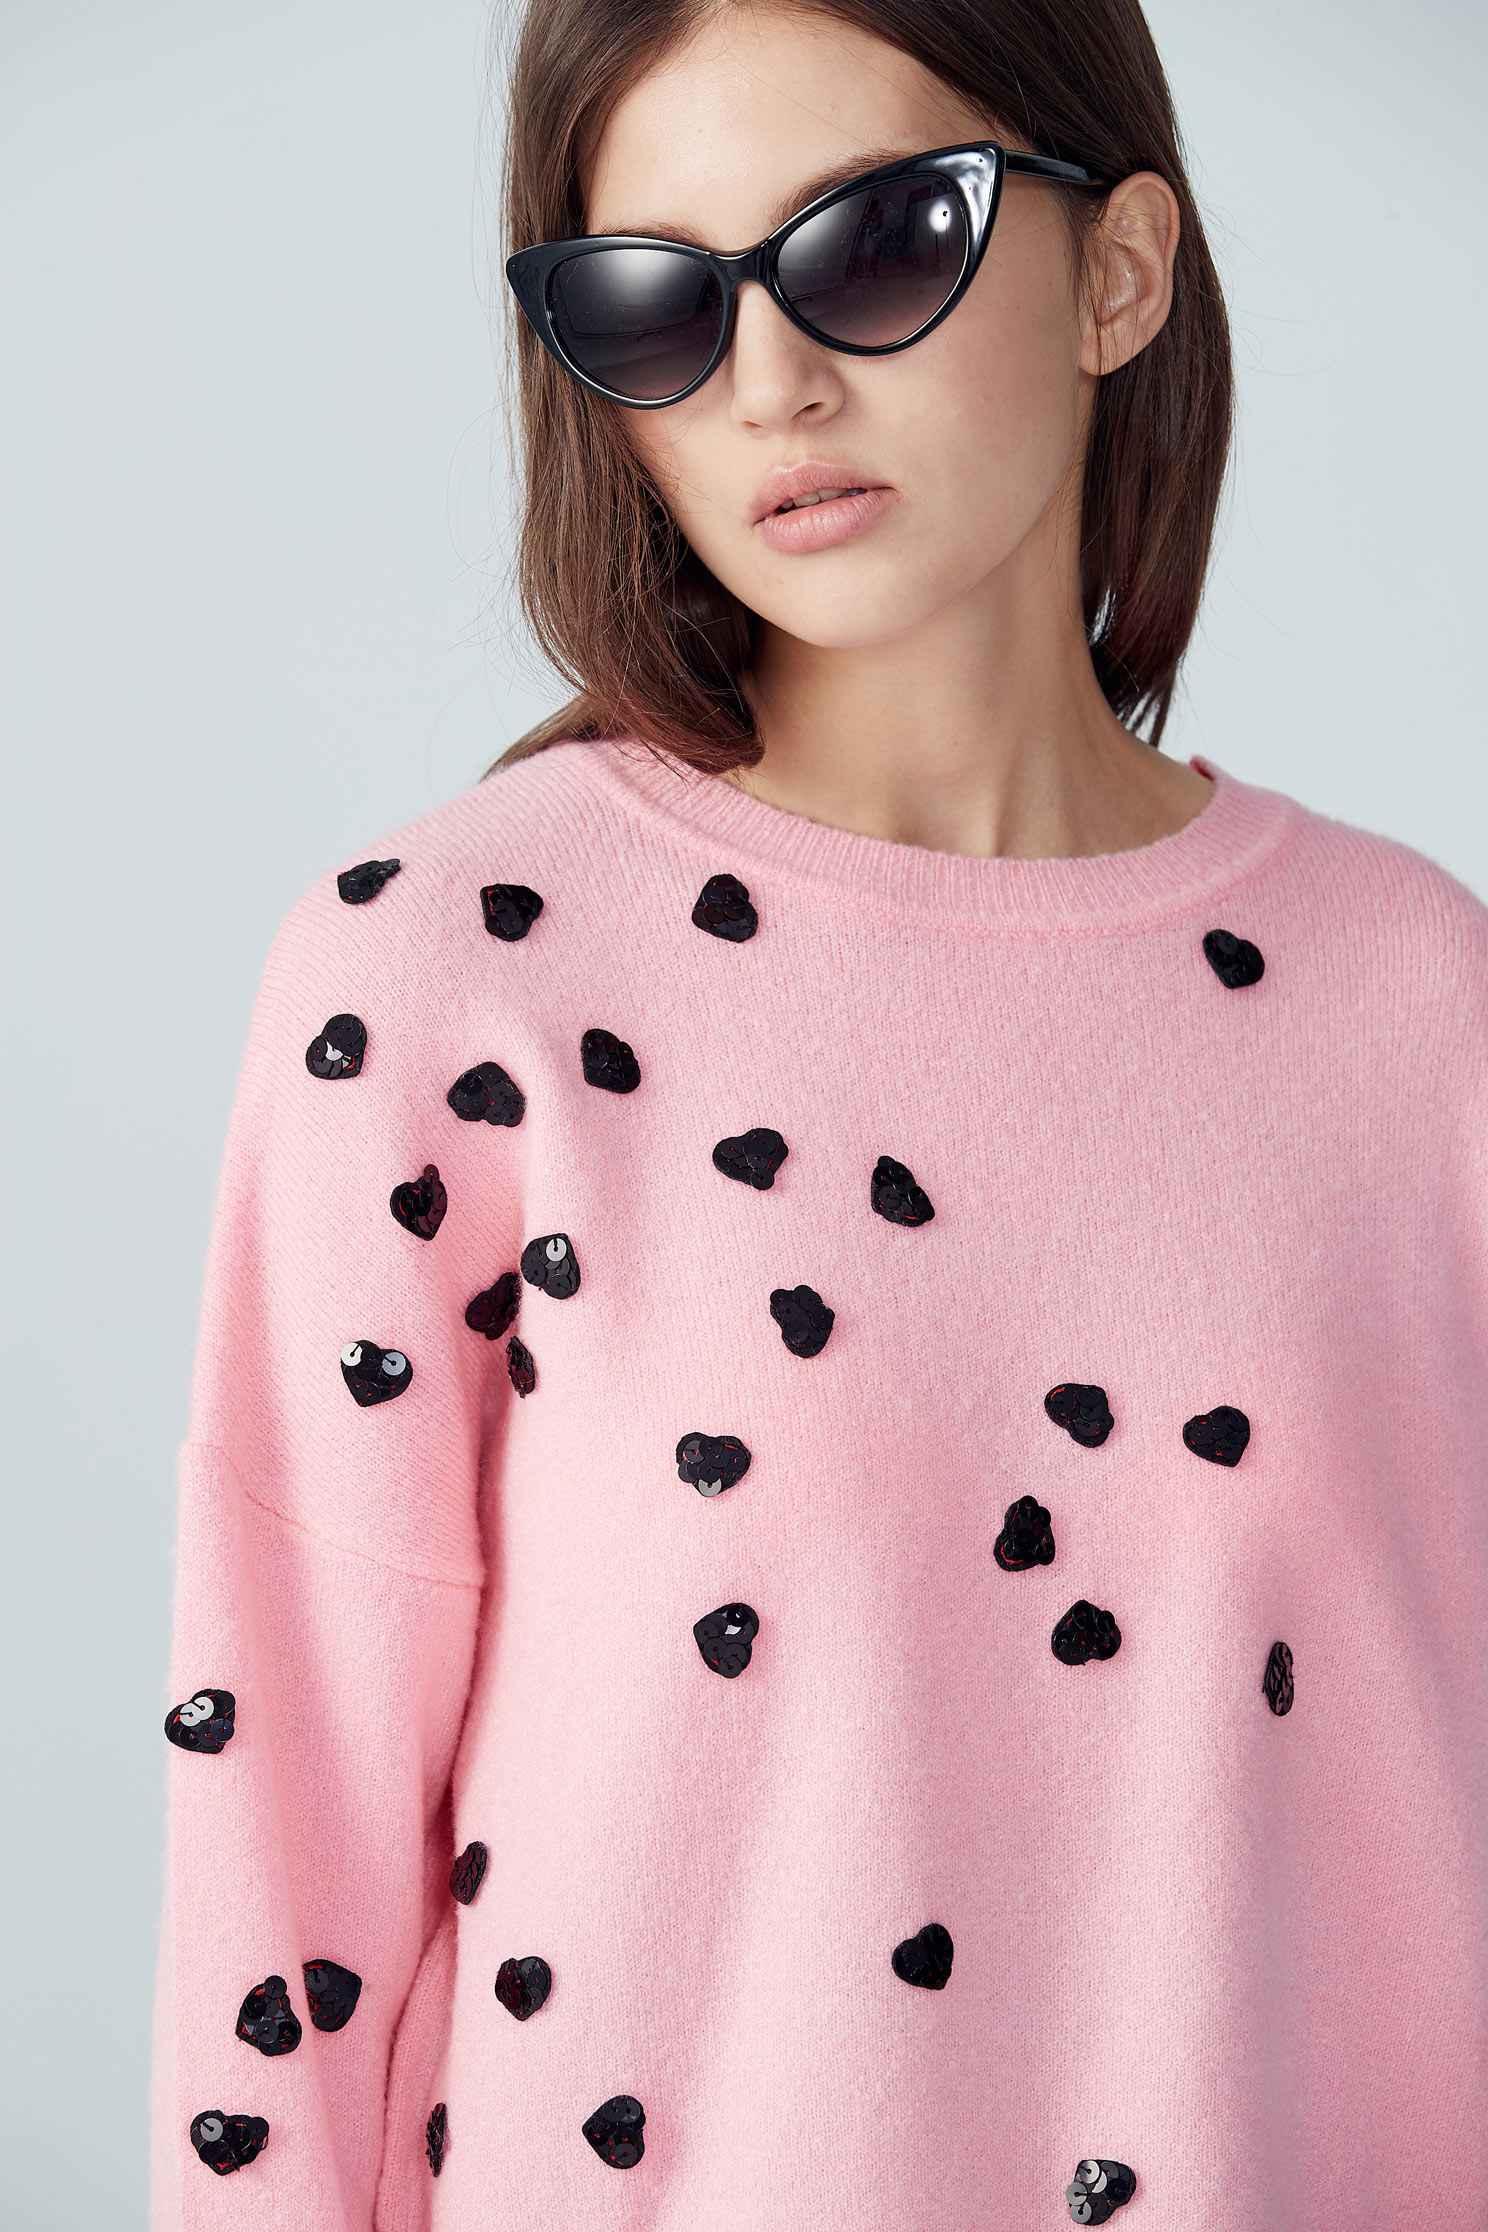 Fashion grace pink top,top,longsleevetop